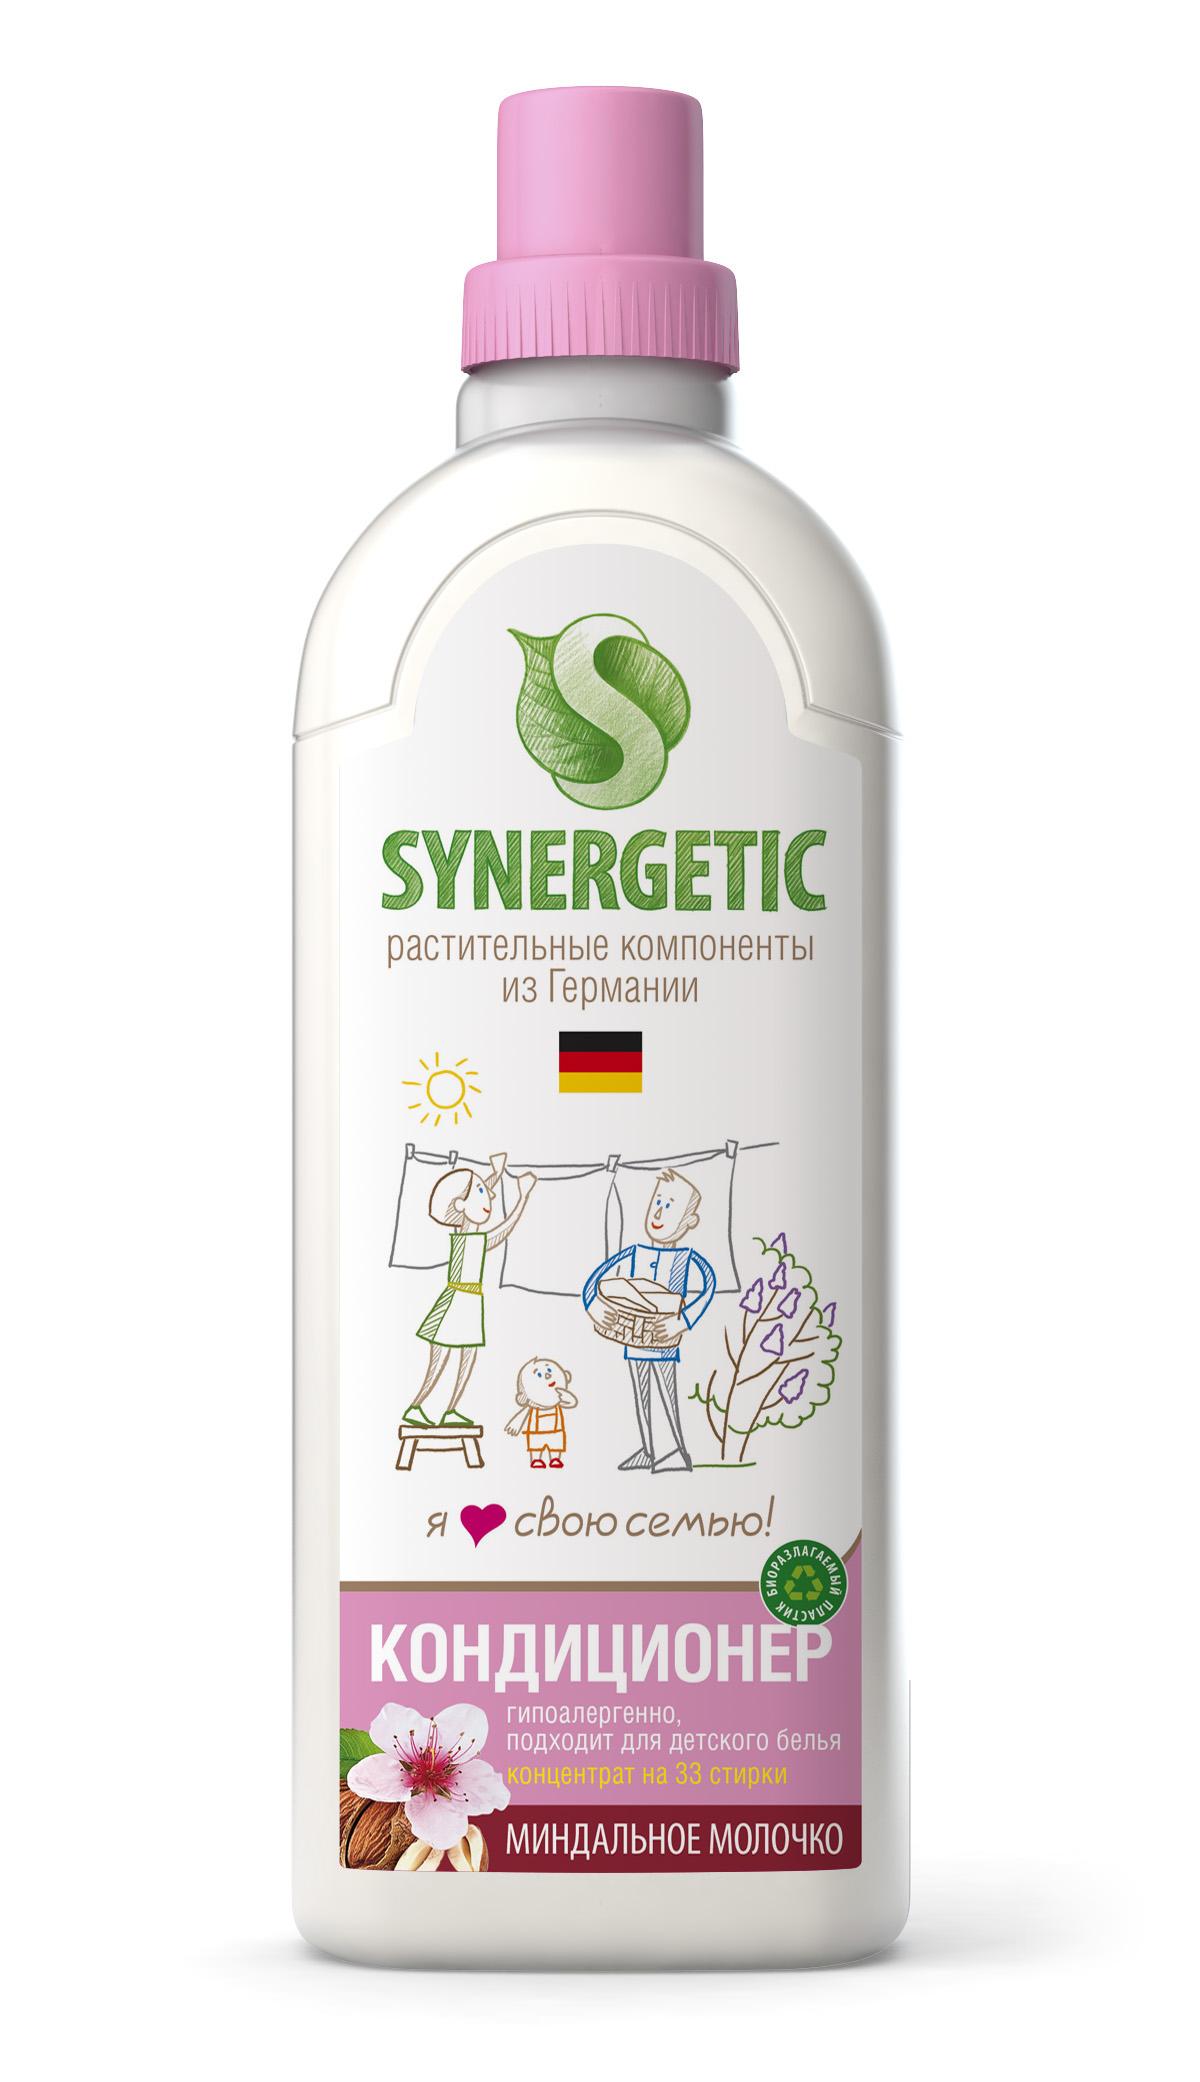 Кондиционер для белья Synergetic Миндальное молочко, концентрат, 1 лSNG-110101Высококонцентрированное профессиональное средствоSynergetic Миндальное молочко имеет натуральный состав иобладает 100% смываемостью (не остается на одежде).Подходит для стирки детского белья, темного, цветного,деликатных тканей, шерсти, шелка, джинсовых тканей.Товар сертифицирован.